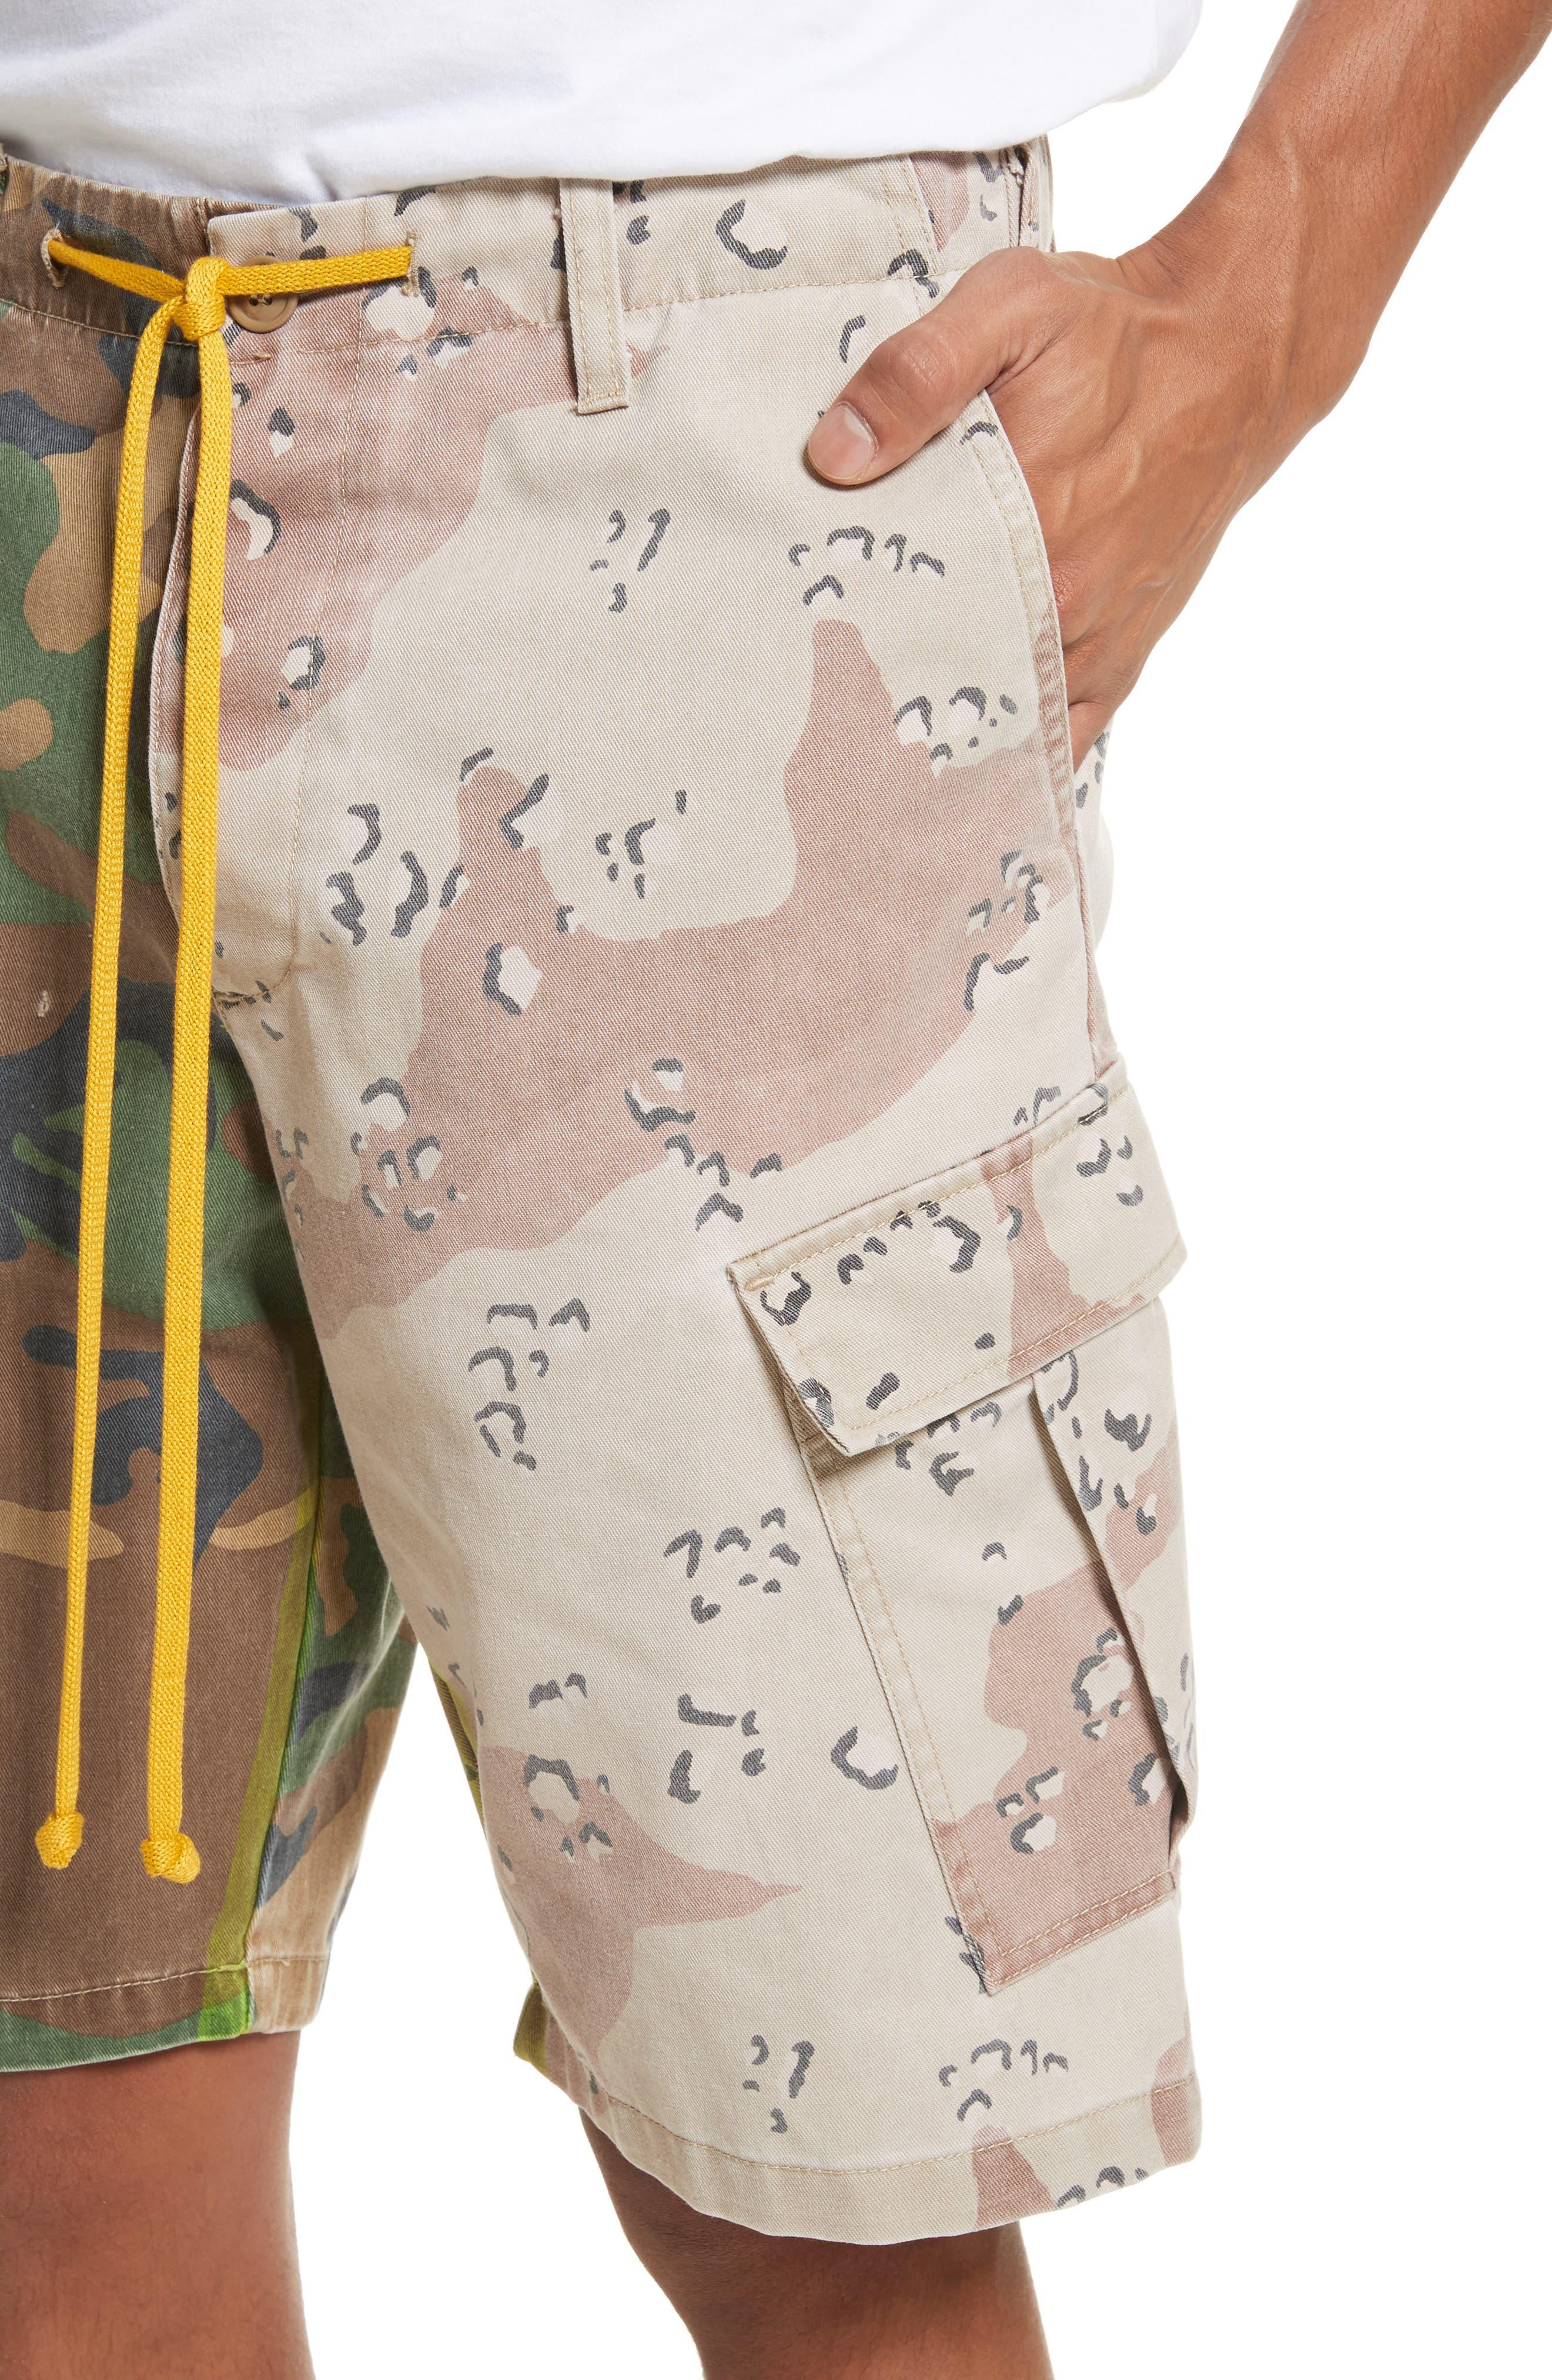 Anasi Camo Cargo Shorts,                             Alternate thumbnail 4, color,                             247